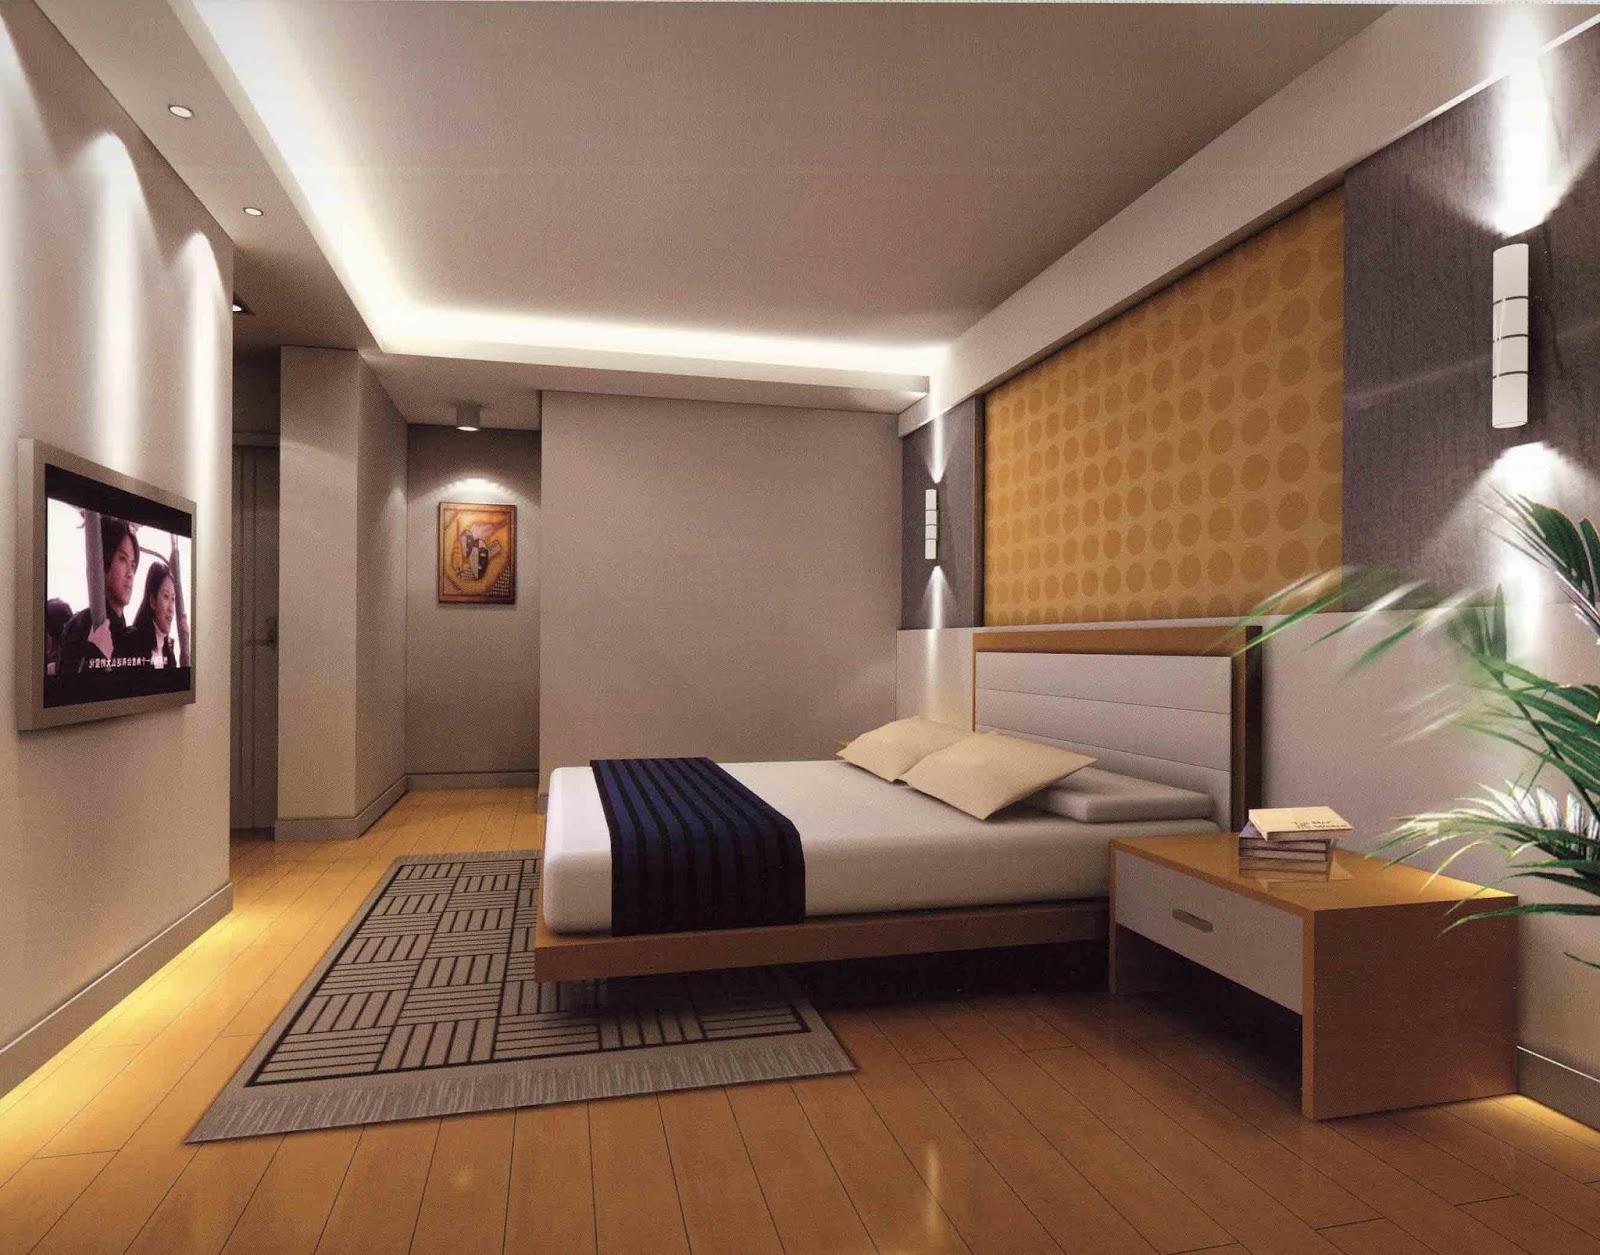 3d bedroom designer online for free 3d bedroom designer felish home project